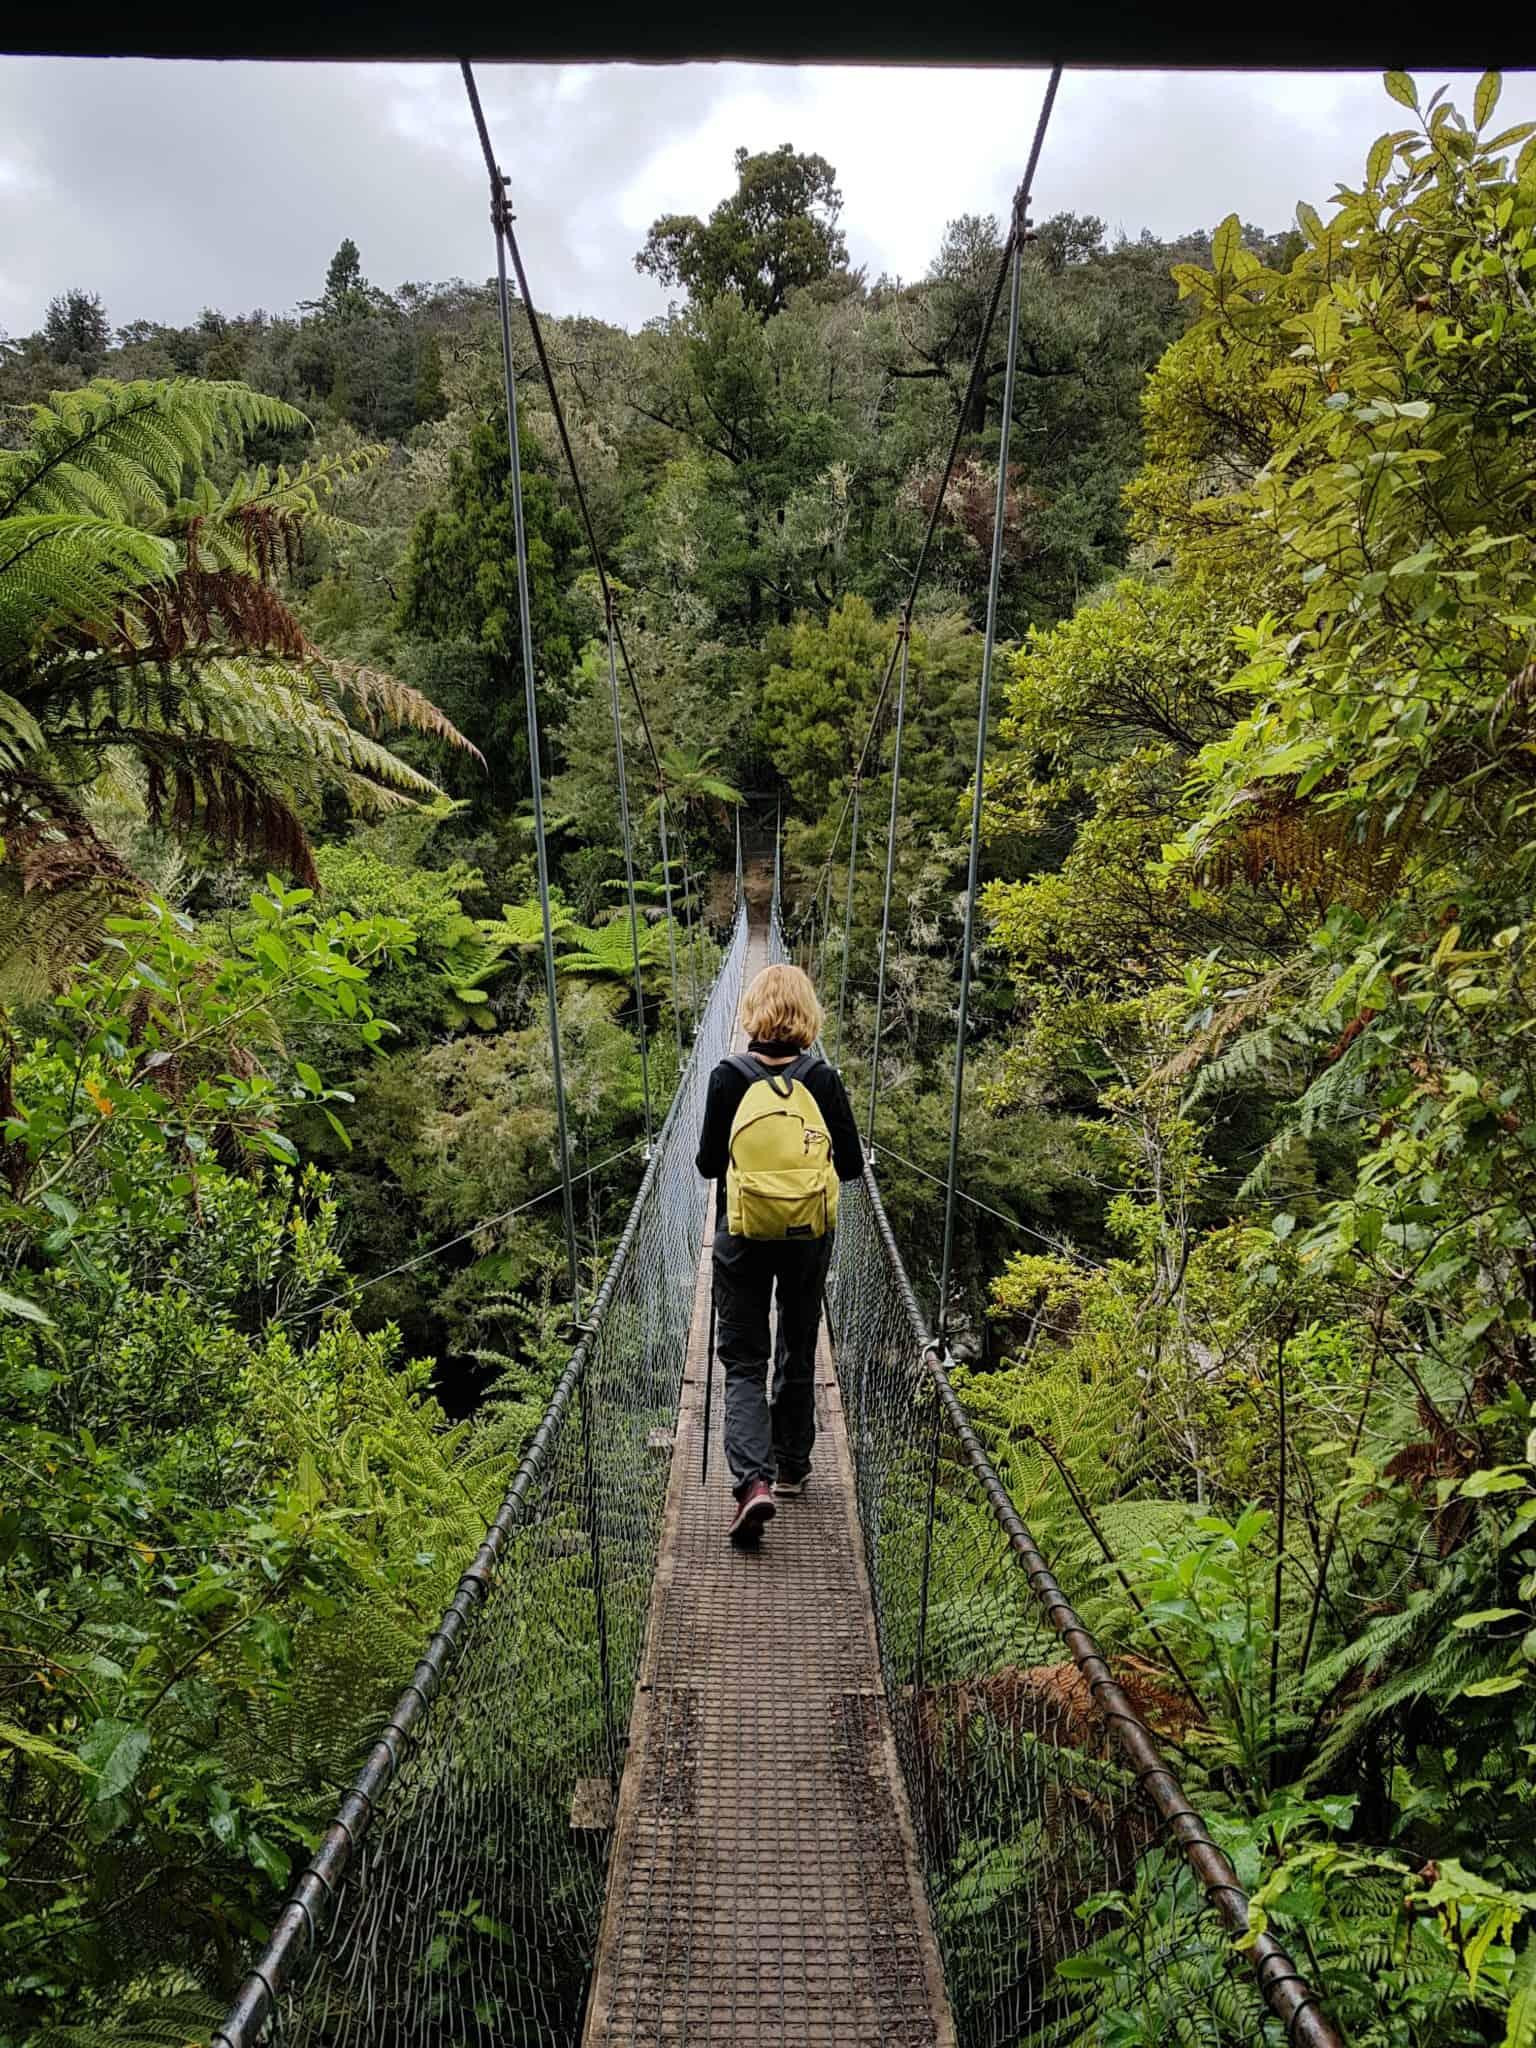 Nouvelle-Zélande, 24 km de randonnée sous la pluie dans le parc d'Abel Tasman 🌧 18